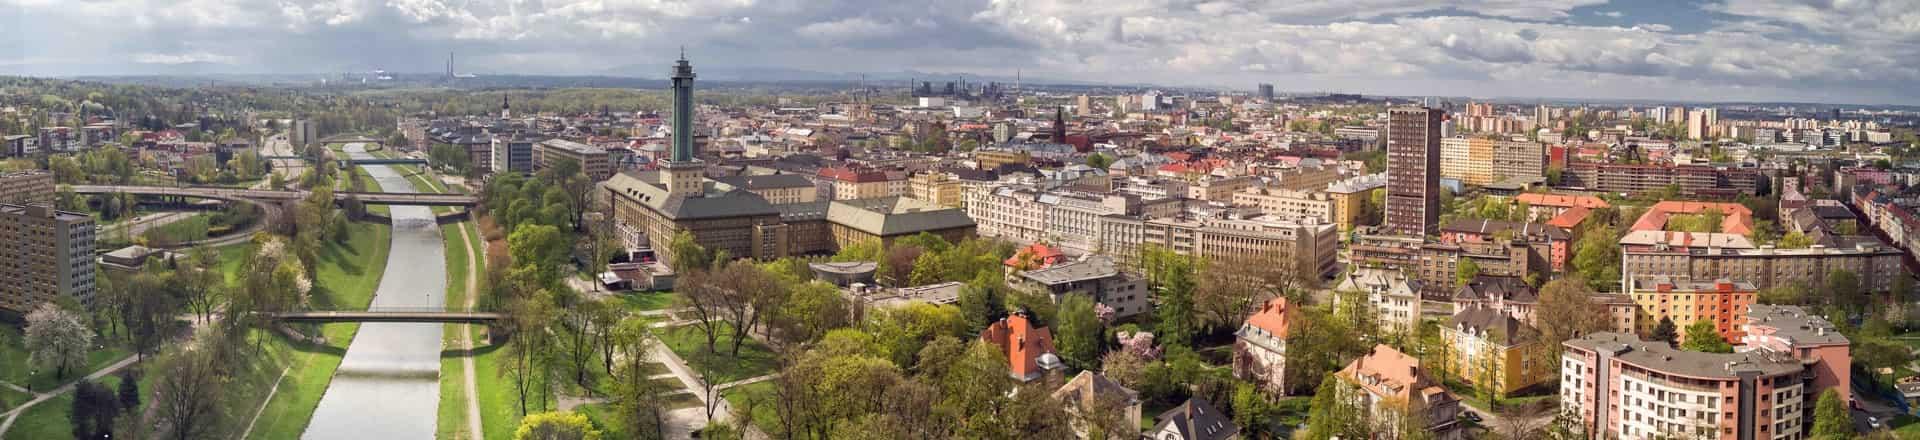 центр города острава